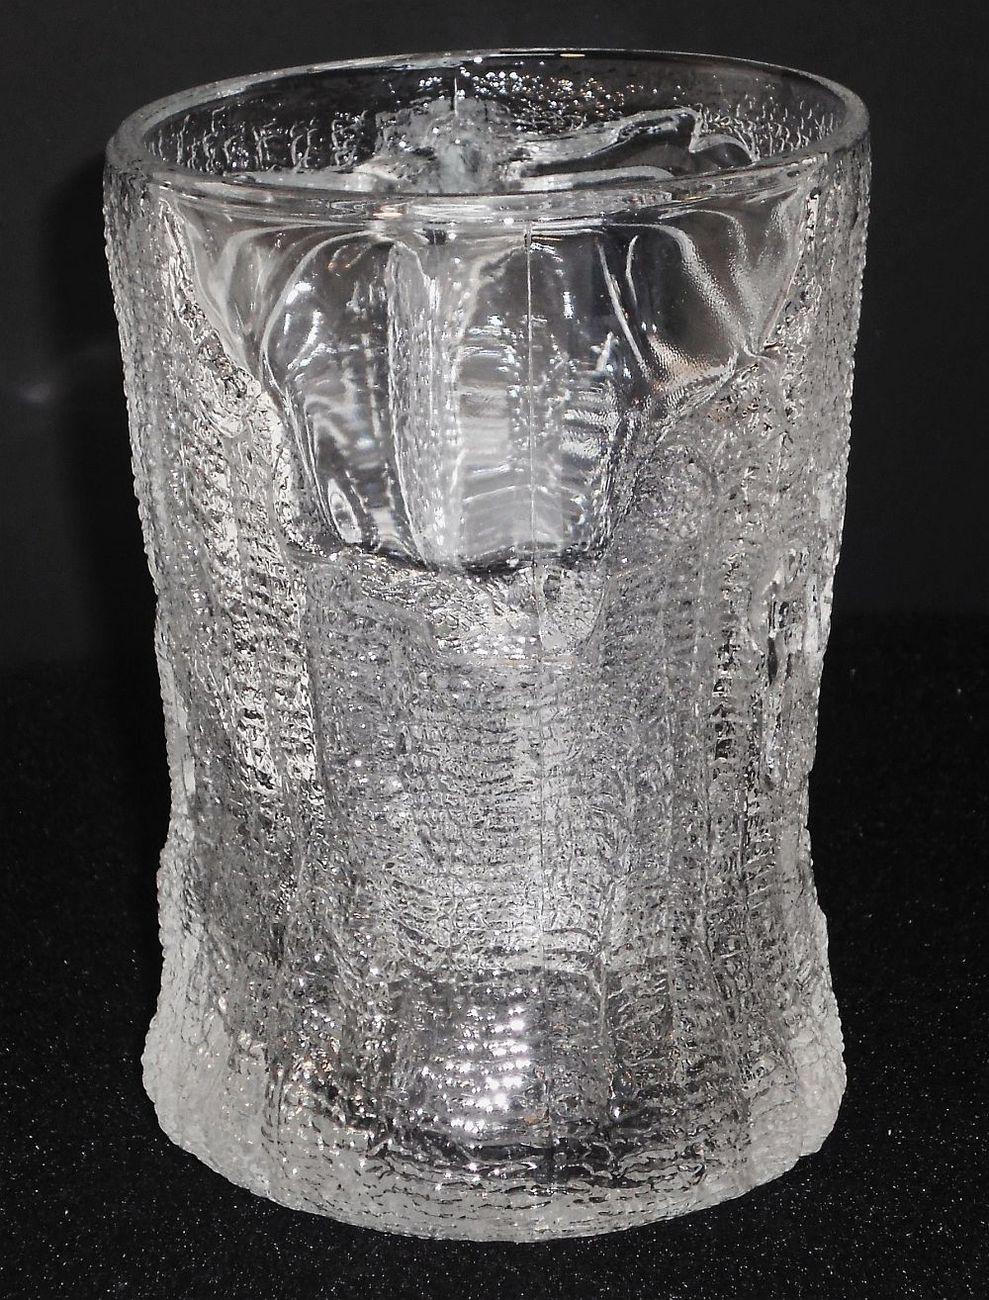 Image 2 of Flintstones TreeMendous Mug McDonald's glass 1993